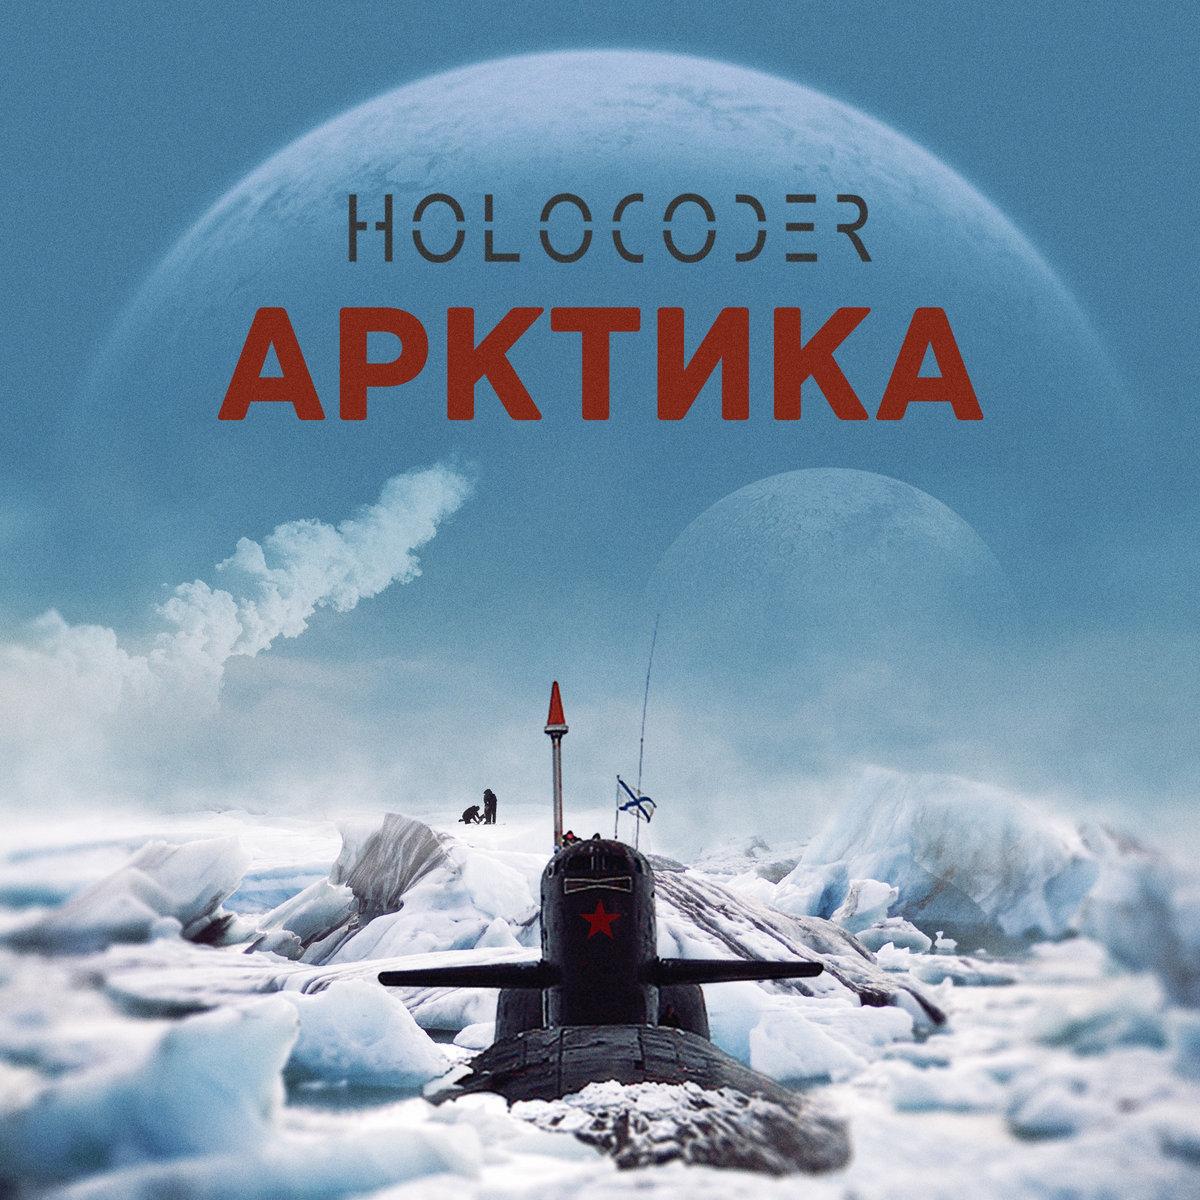 Holocoder - Arktika - Holocoder - Arktika